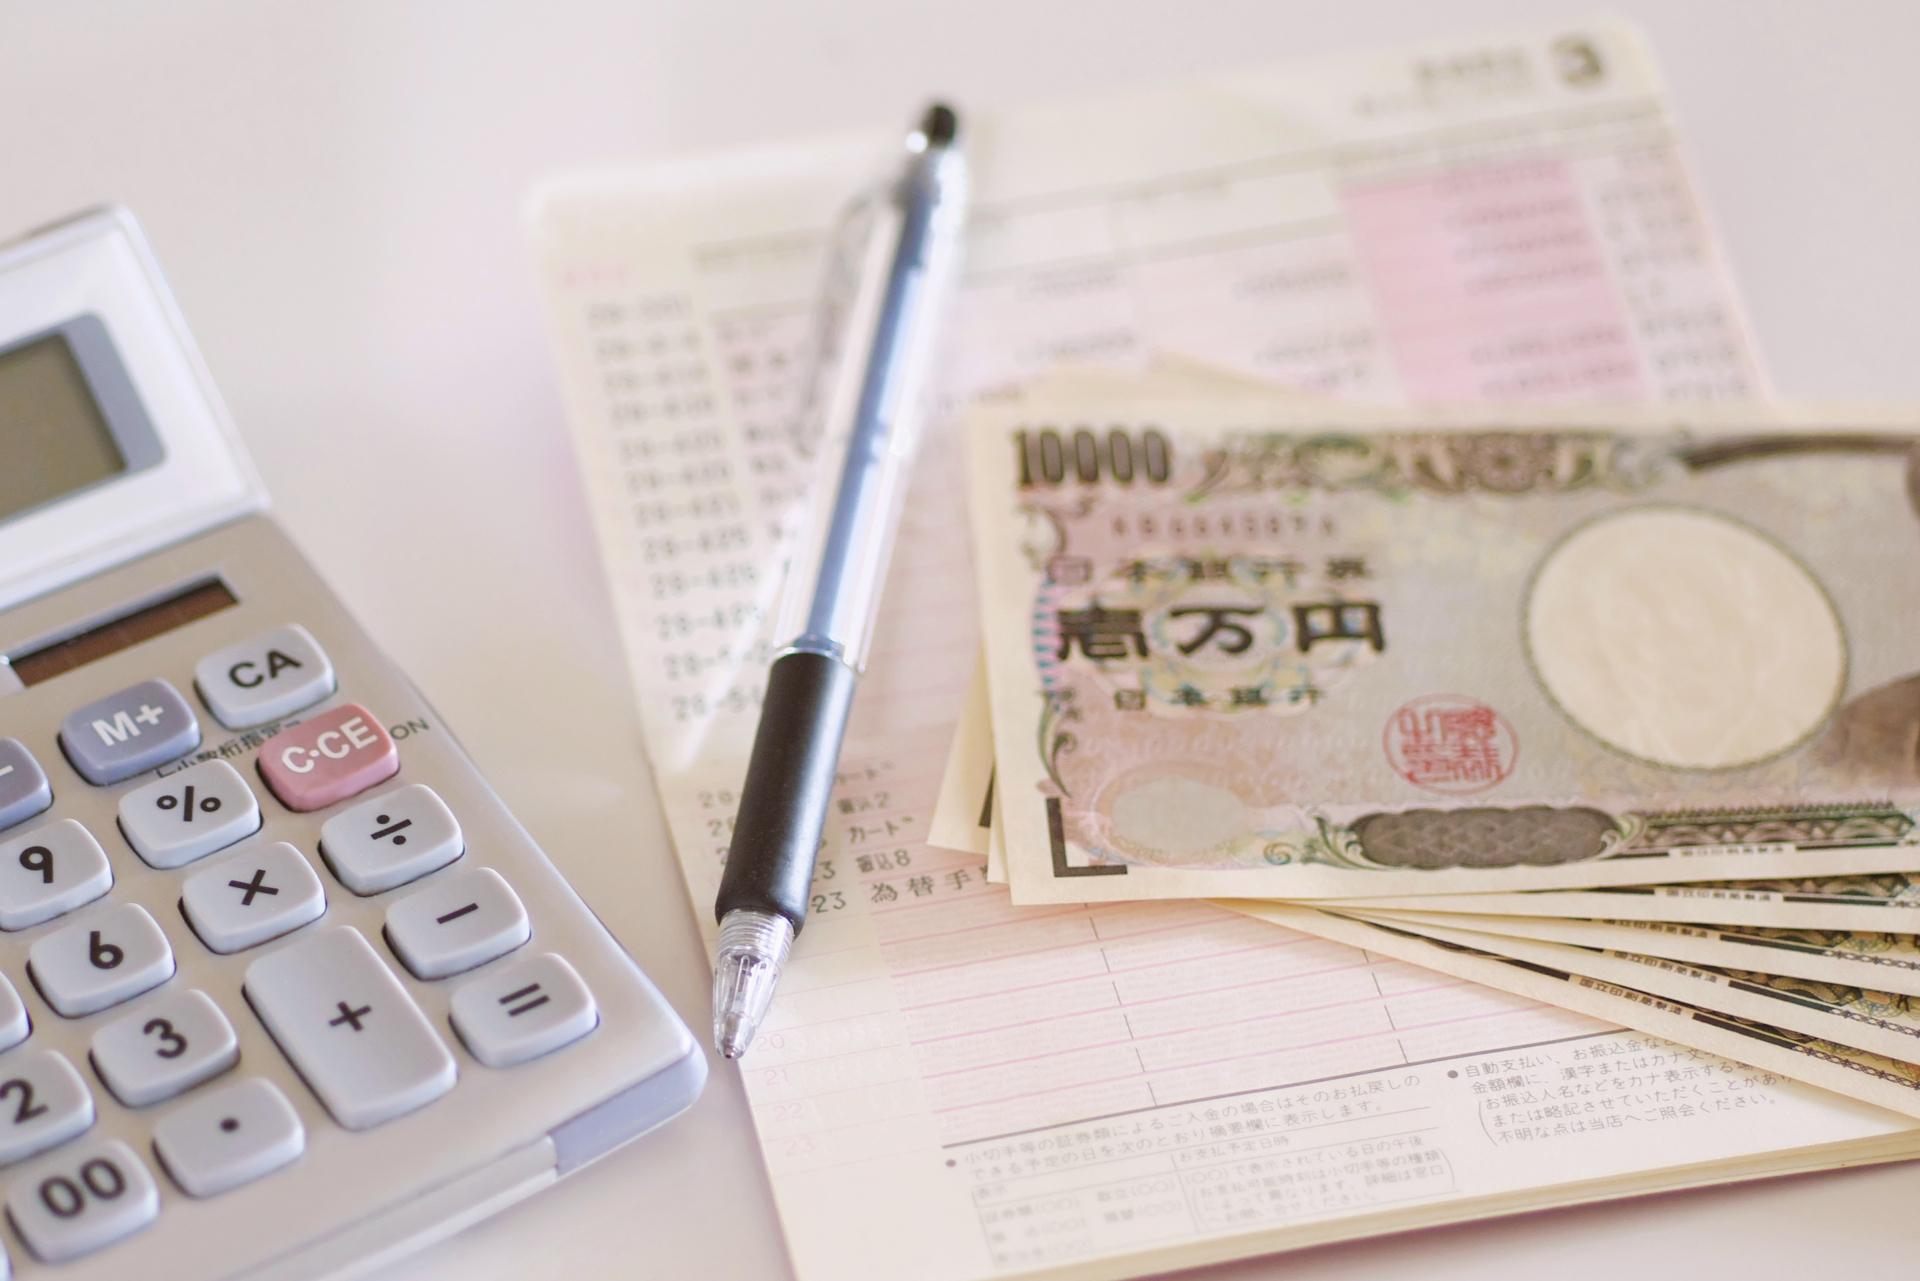 通帳・紙幣・お札・電卓・振込・入金